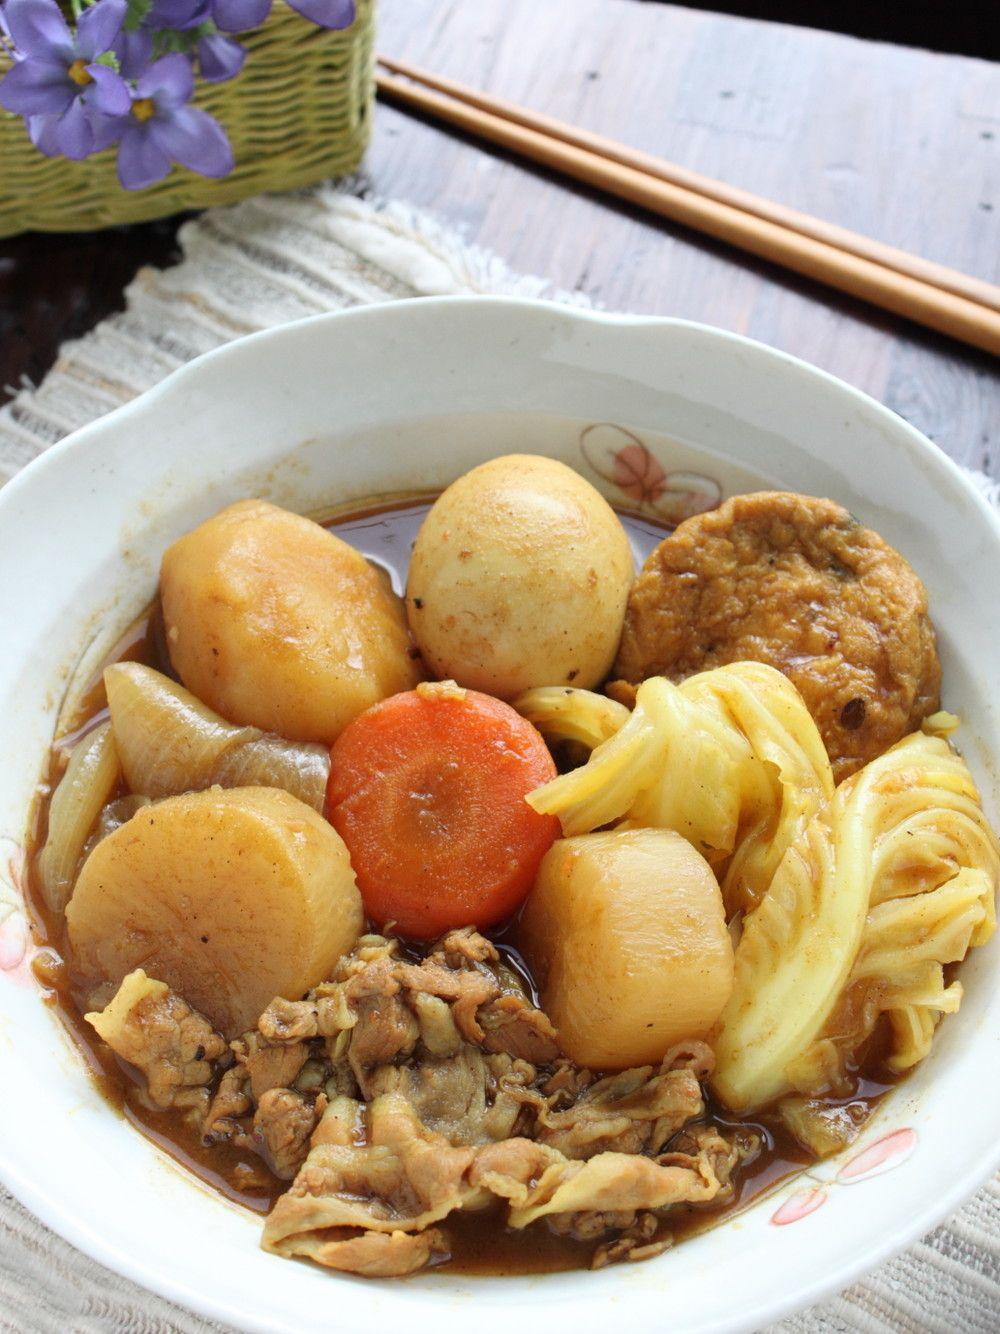 野菜ゴロゴロ ほかほか カレーおでん by pabuちゃん レシピ おでん 食べ物のアイデア レシピ